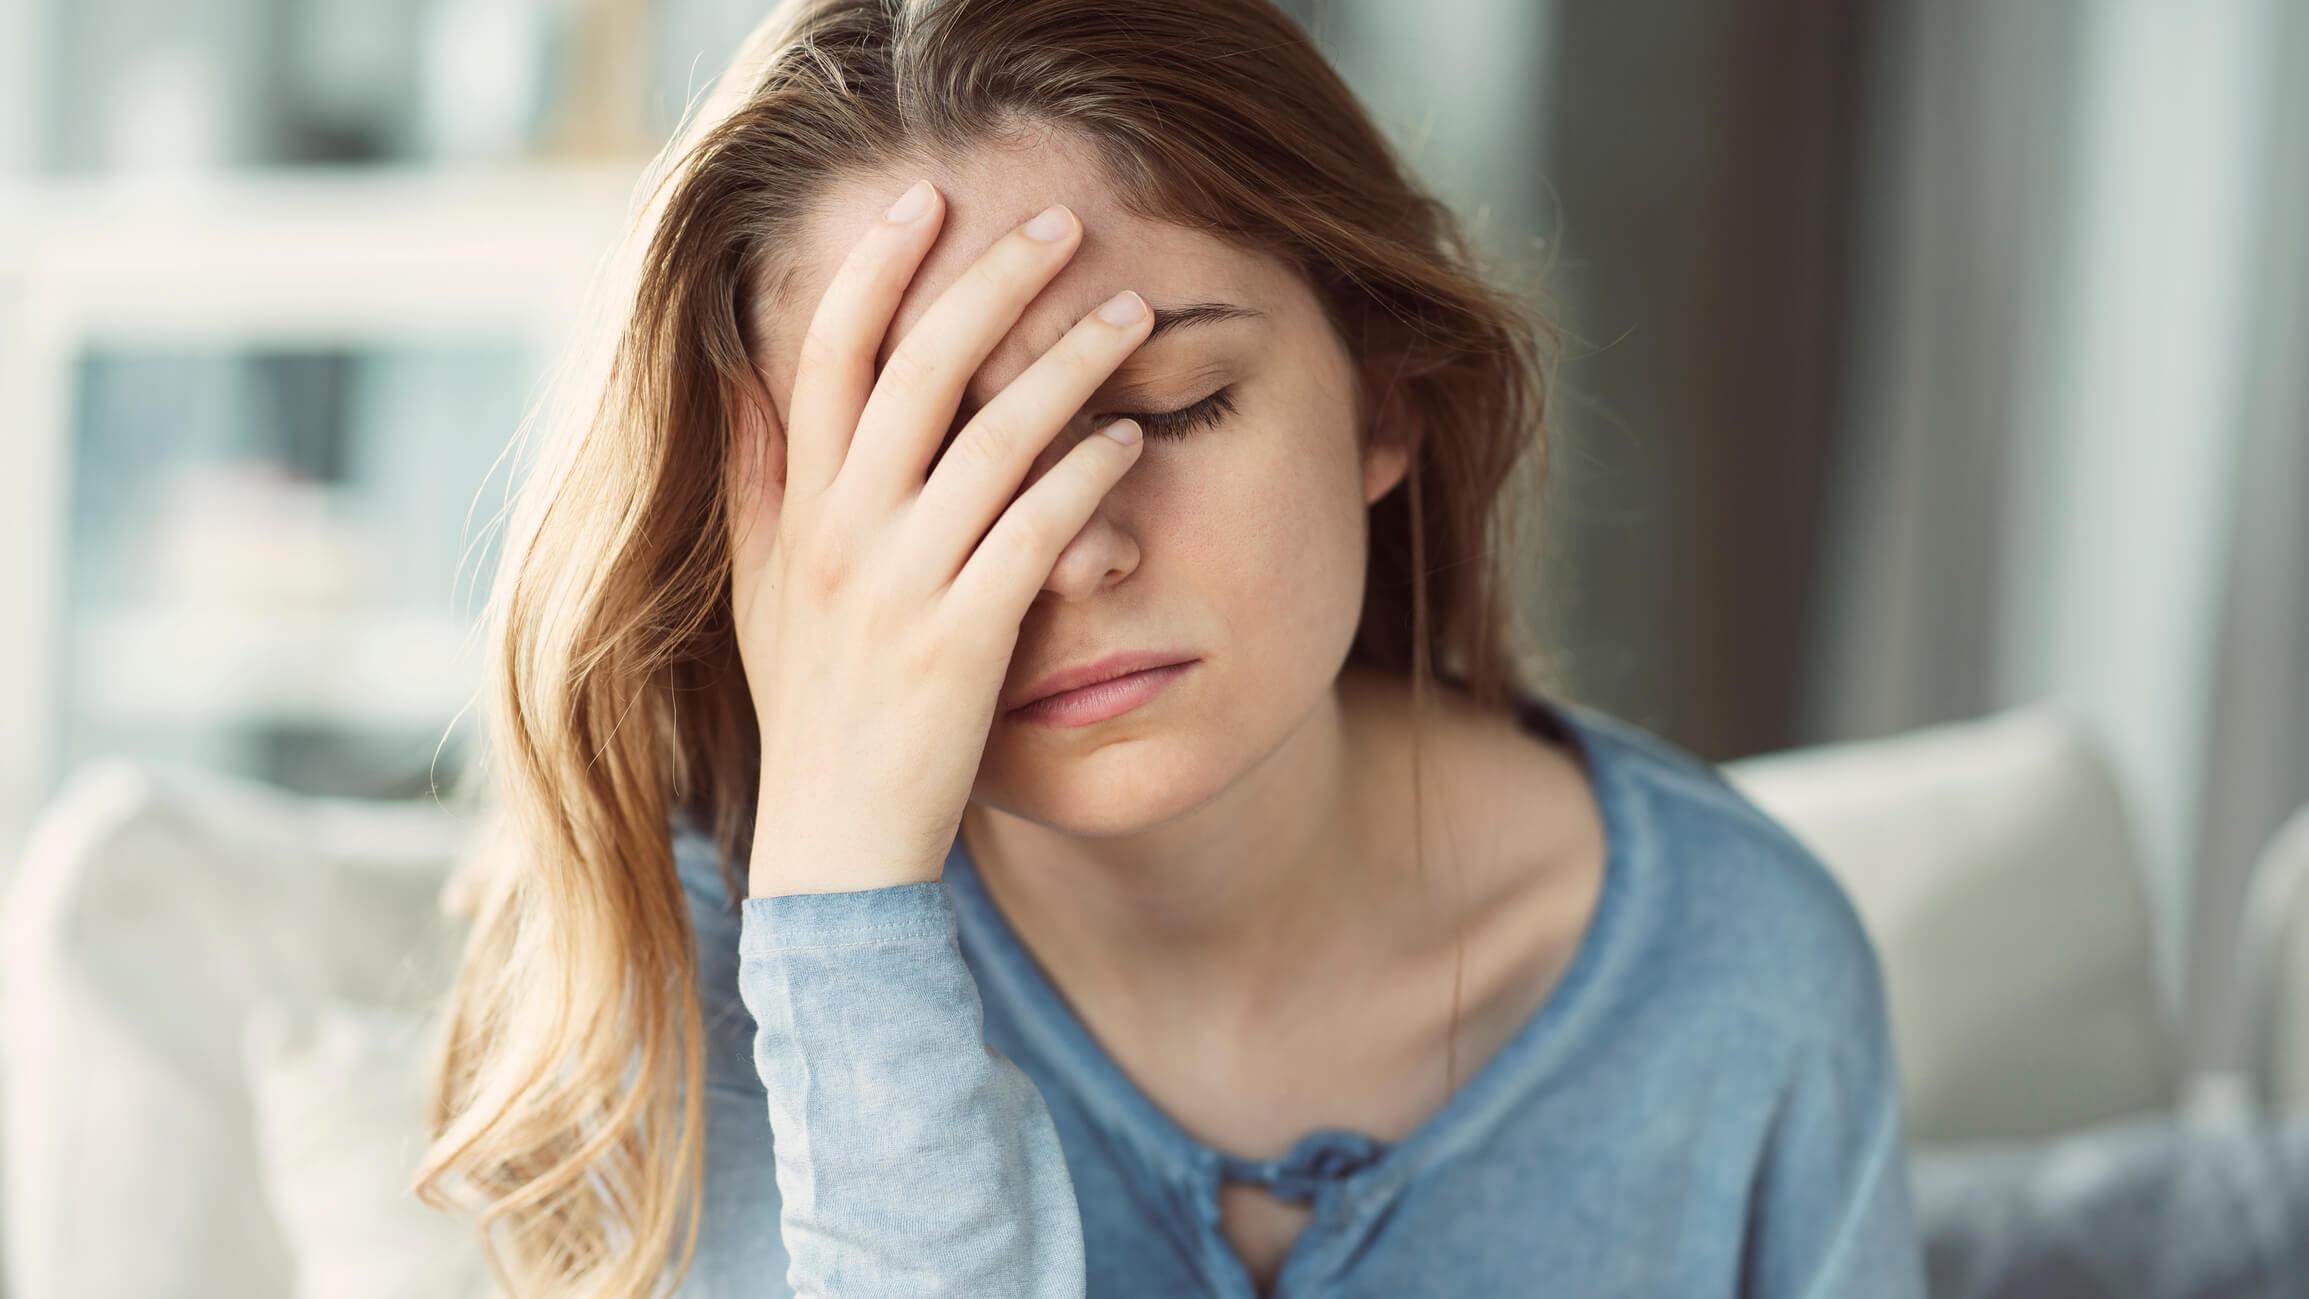 maux de tête vertige inquiétant